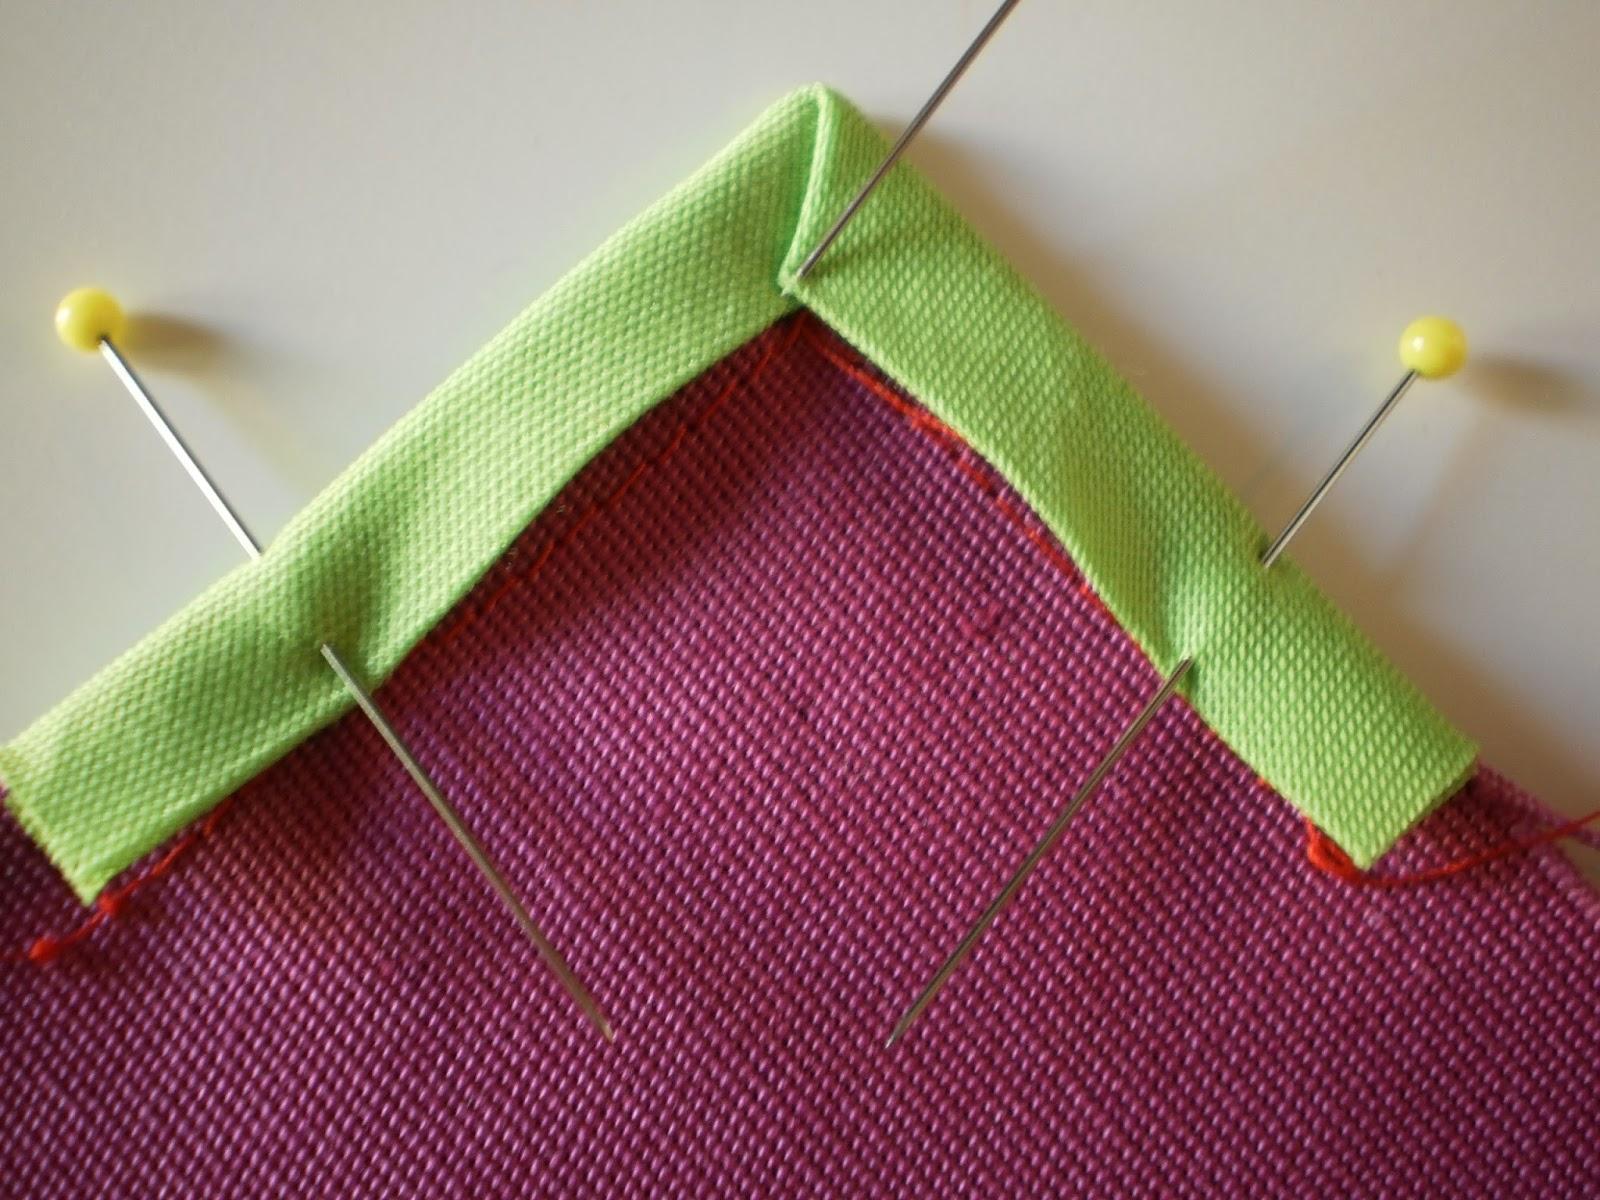 Canto da costura como fazer cantos perfeitos #4A121A 1600x1200